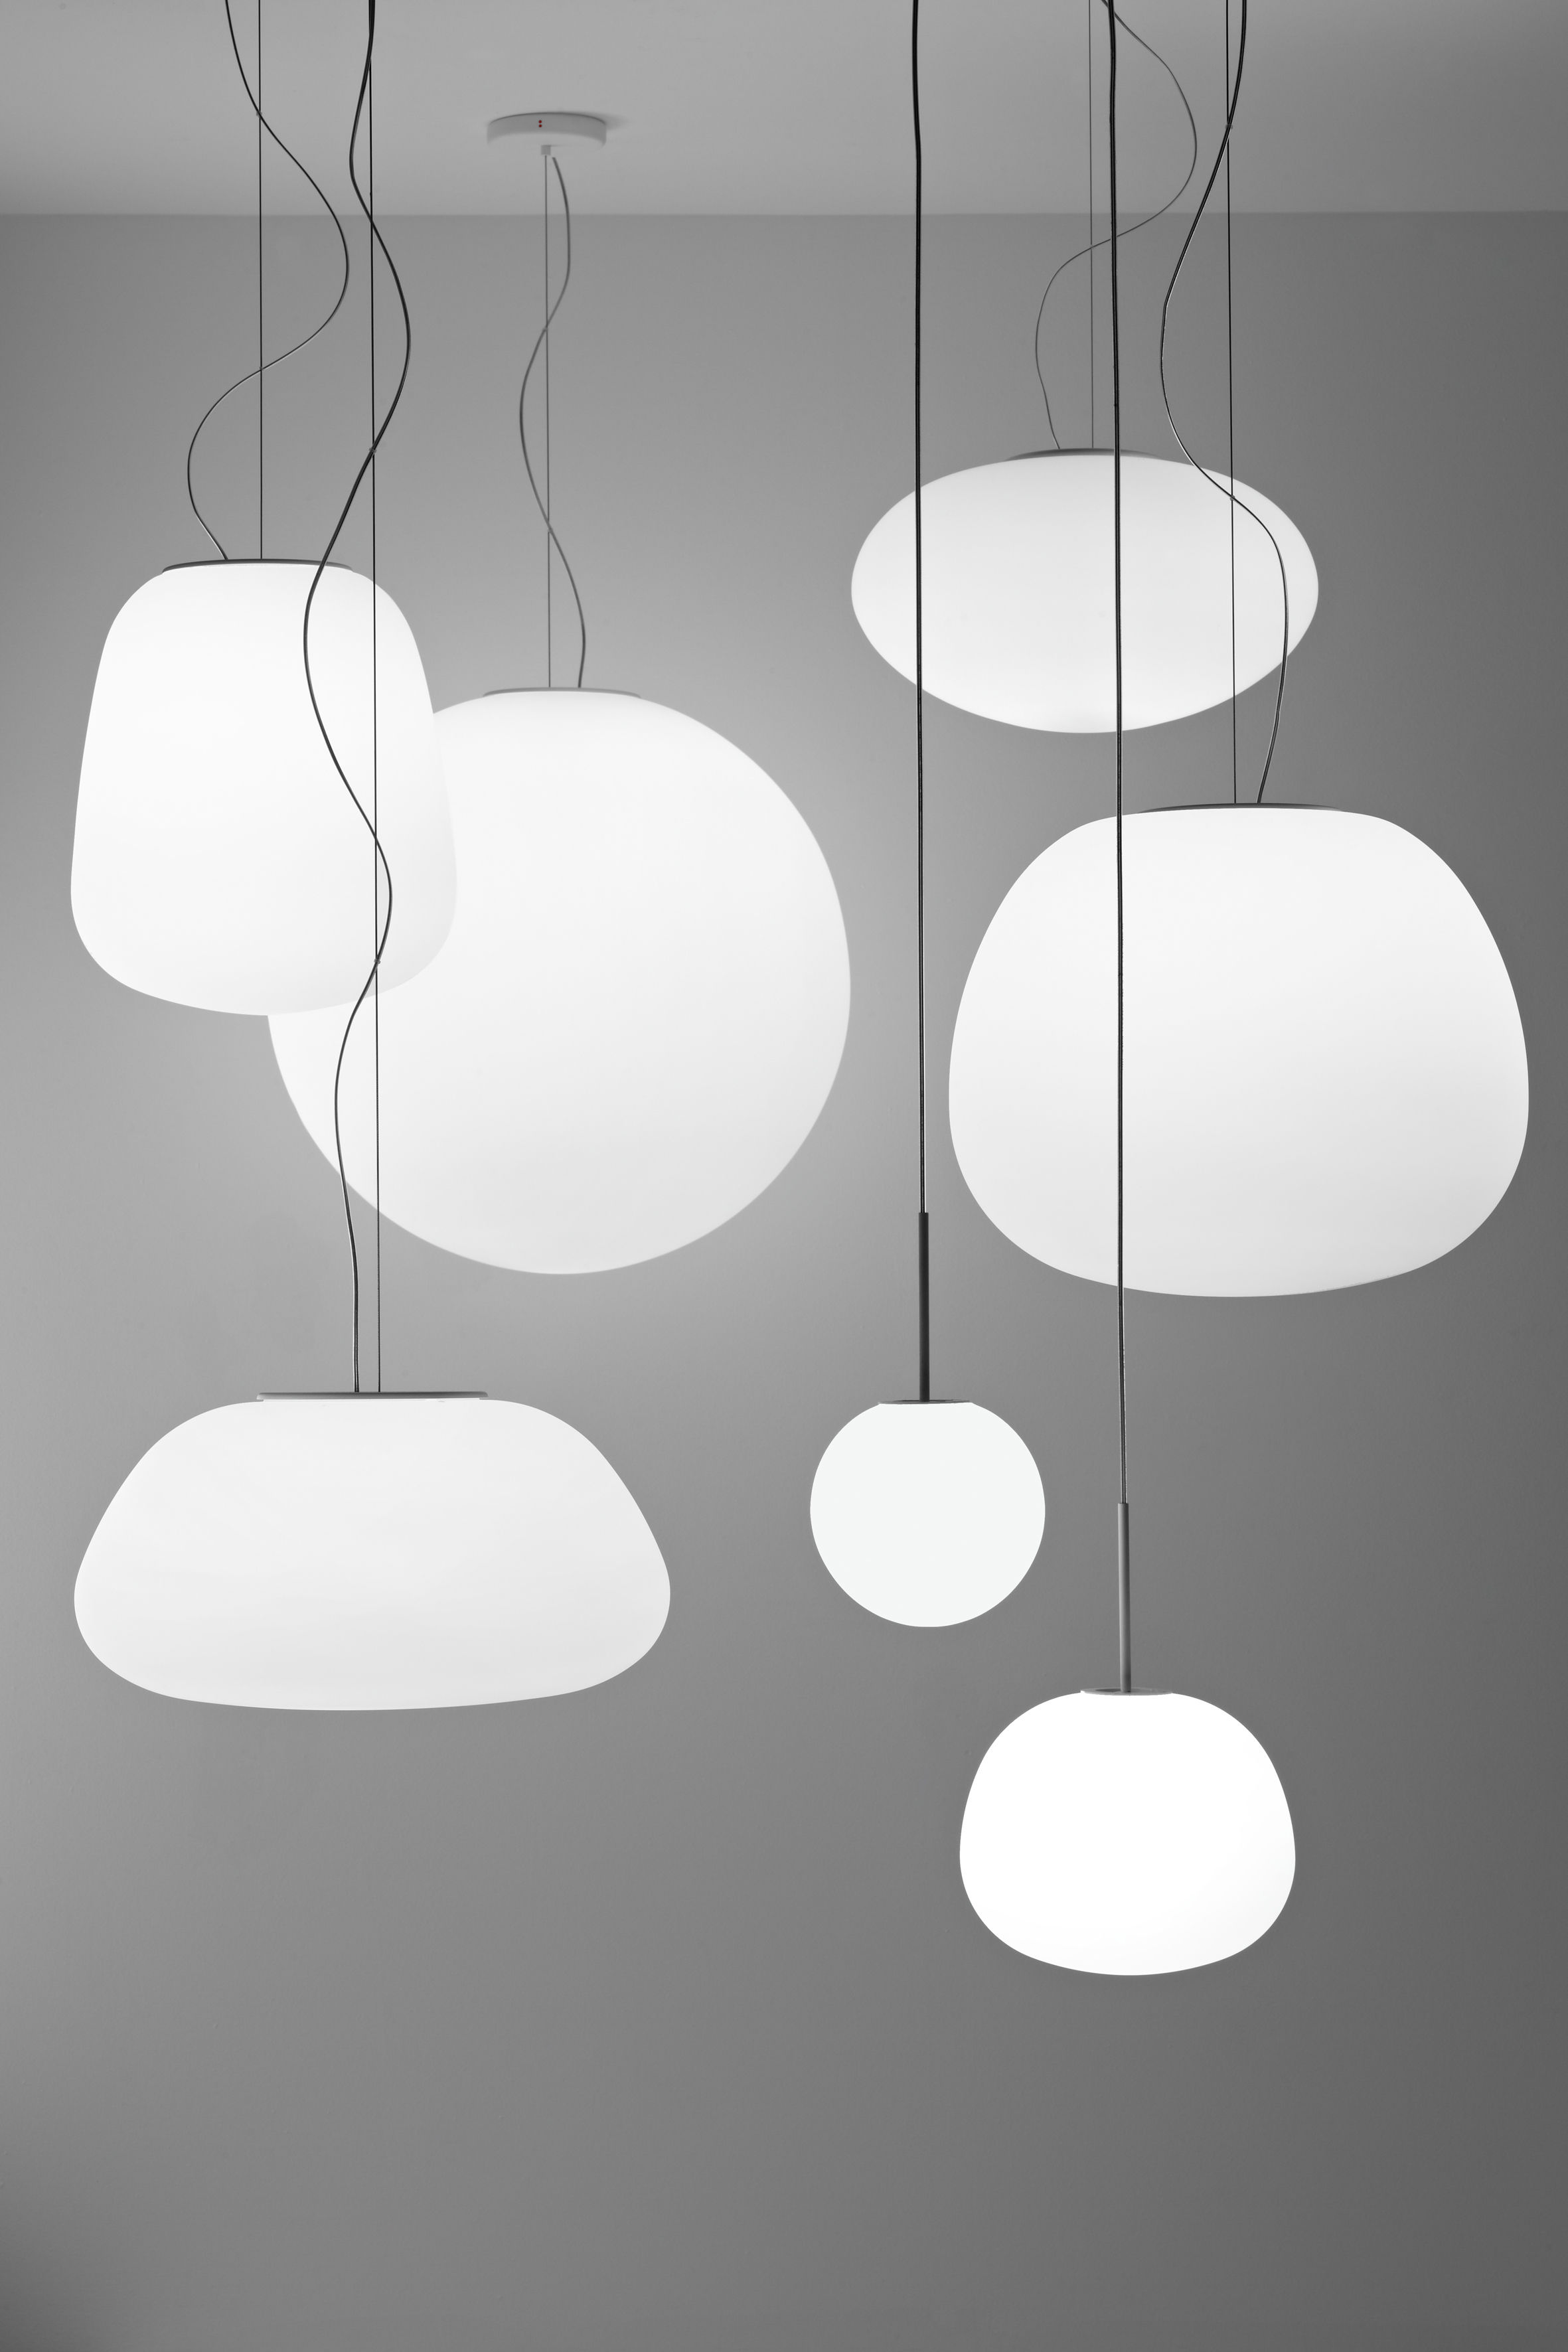 Scopri sospensione mochi 38 cm bianco 38 cm di fabbian made in design italia for Lampadari x bagno